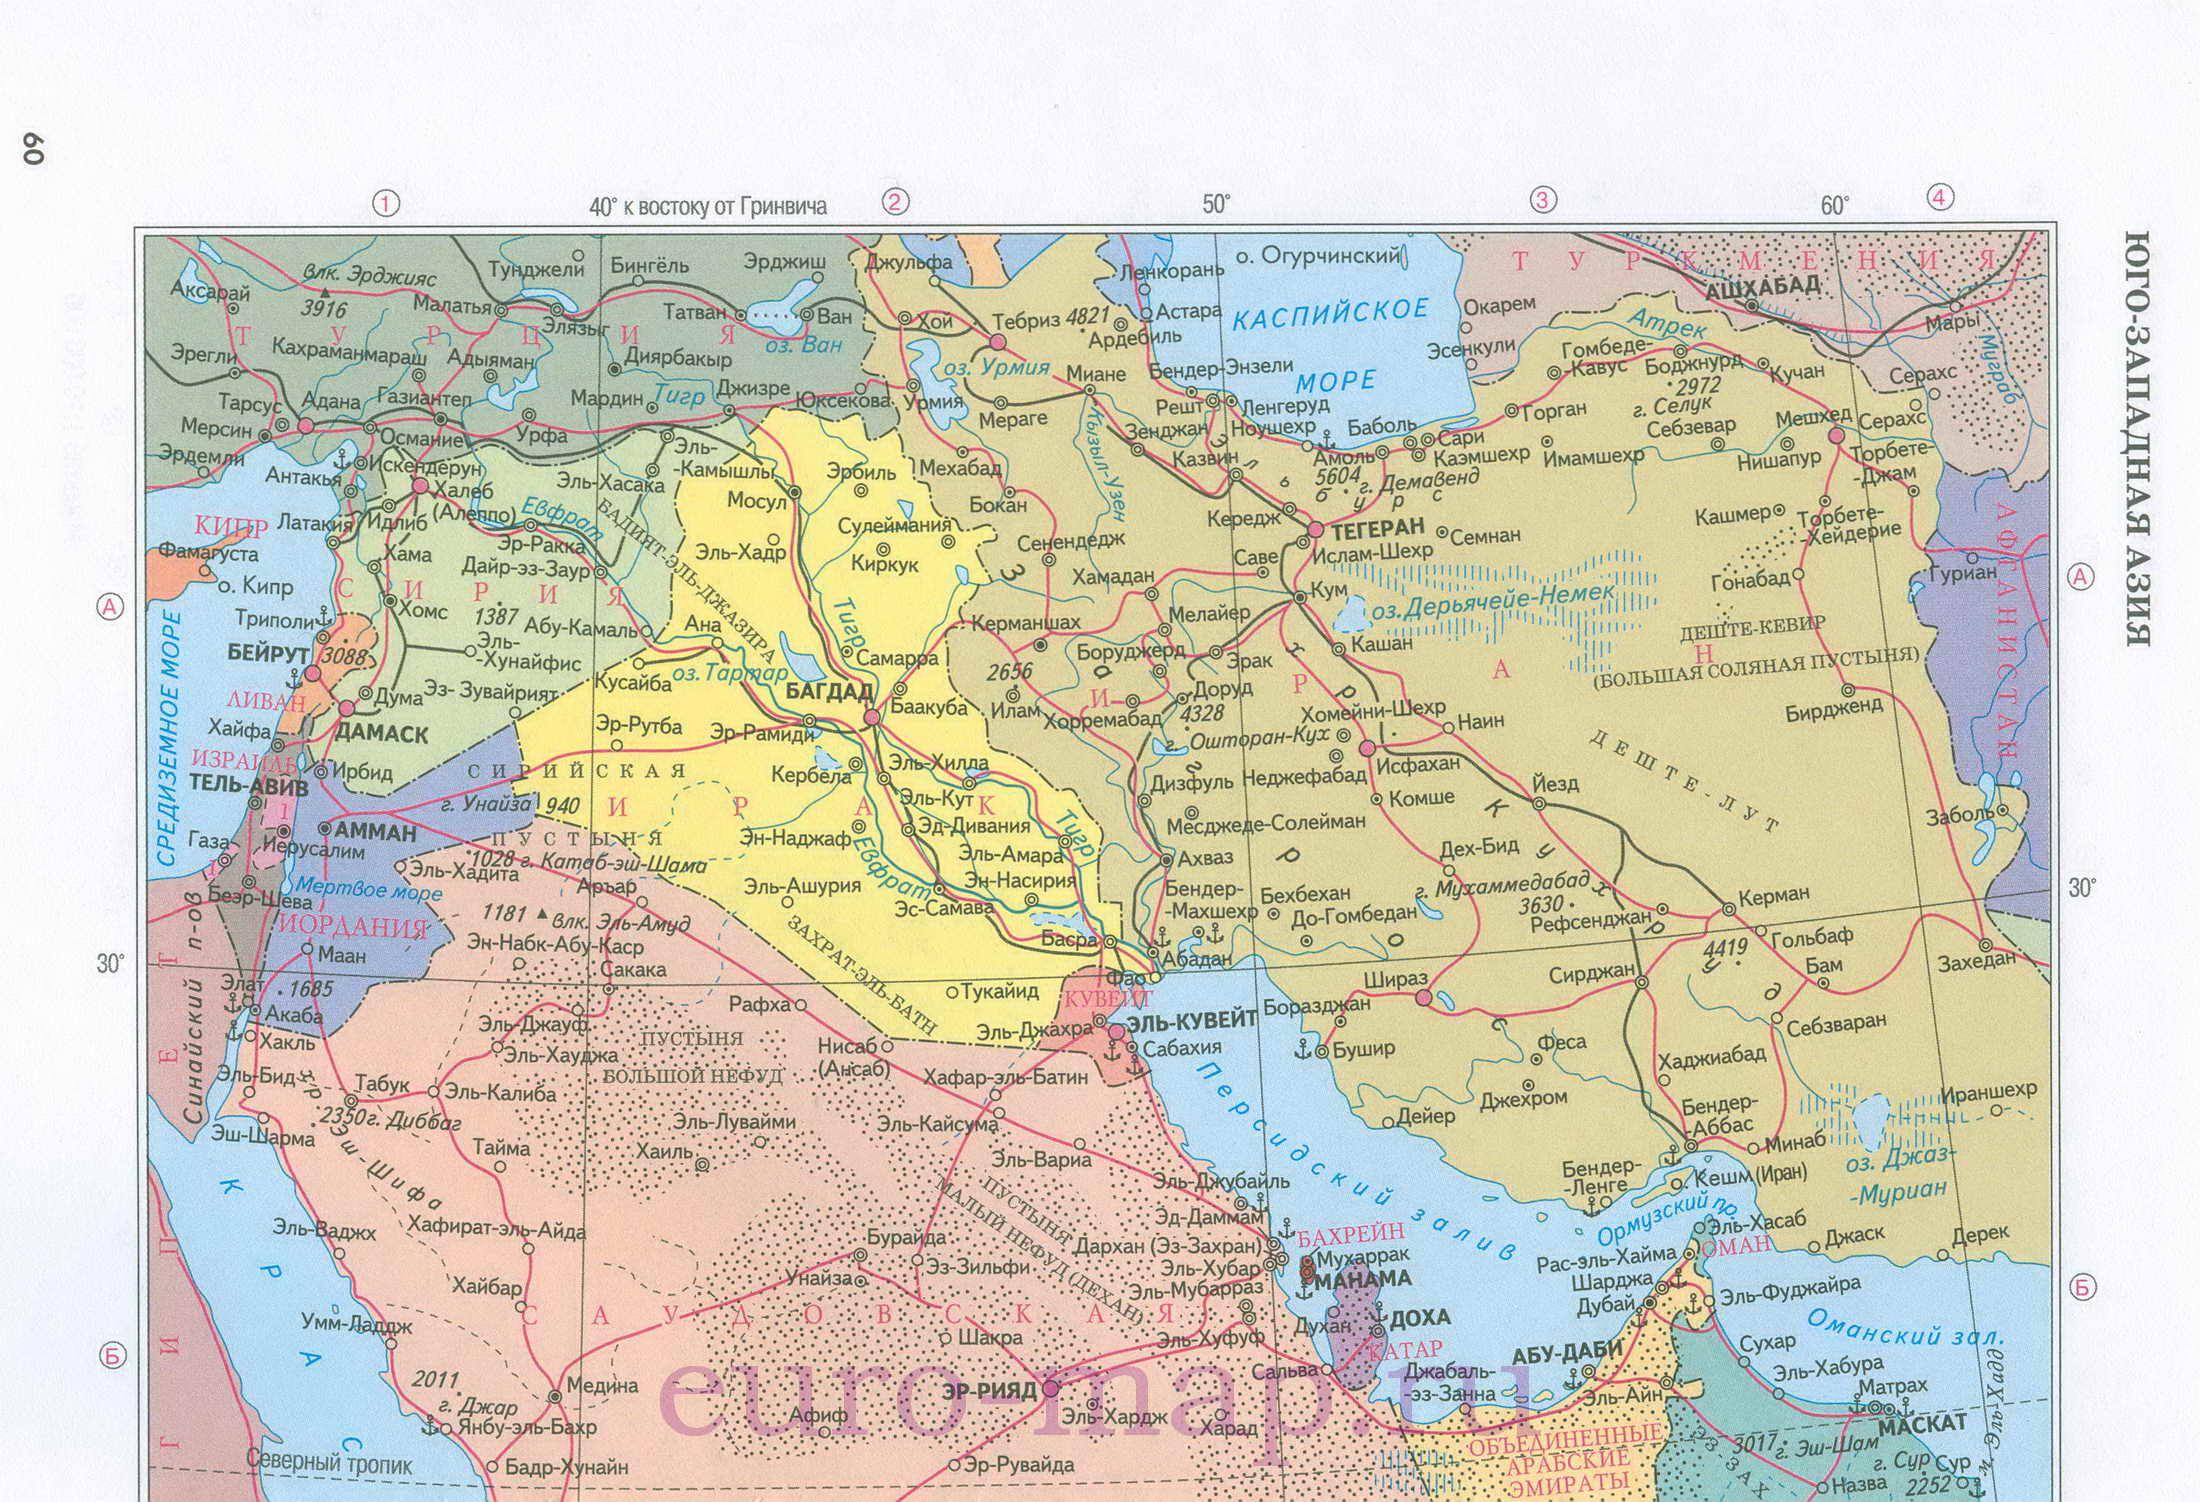 Географическая карта ближнего востока